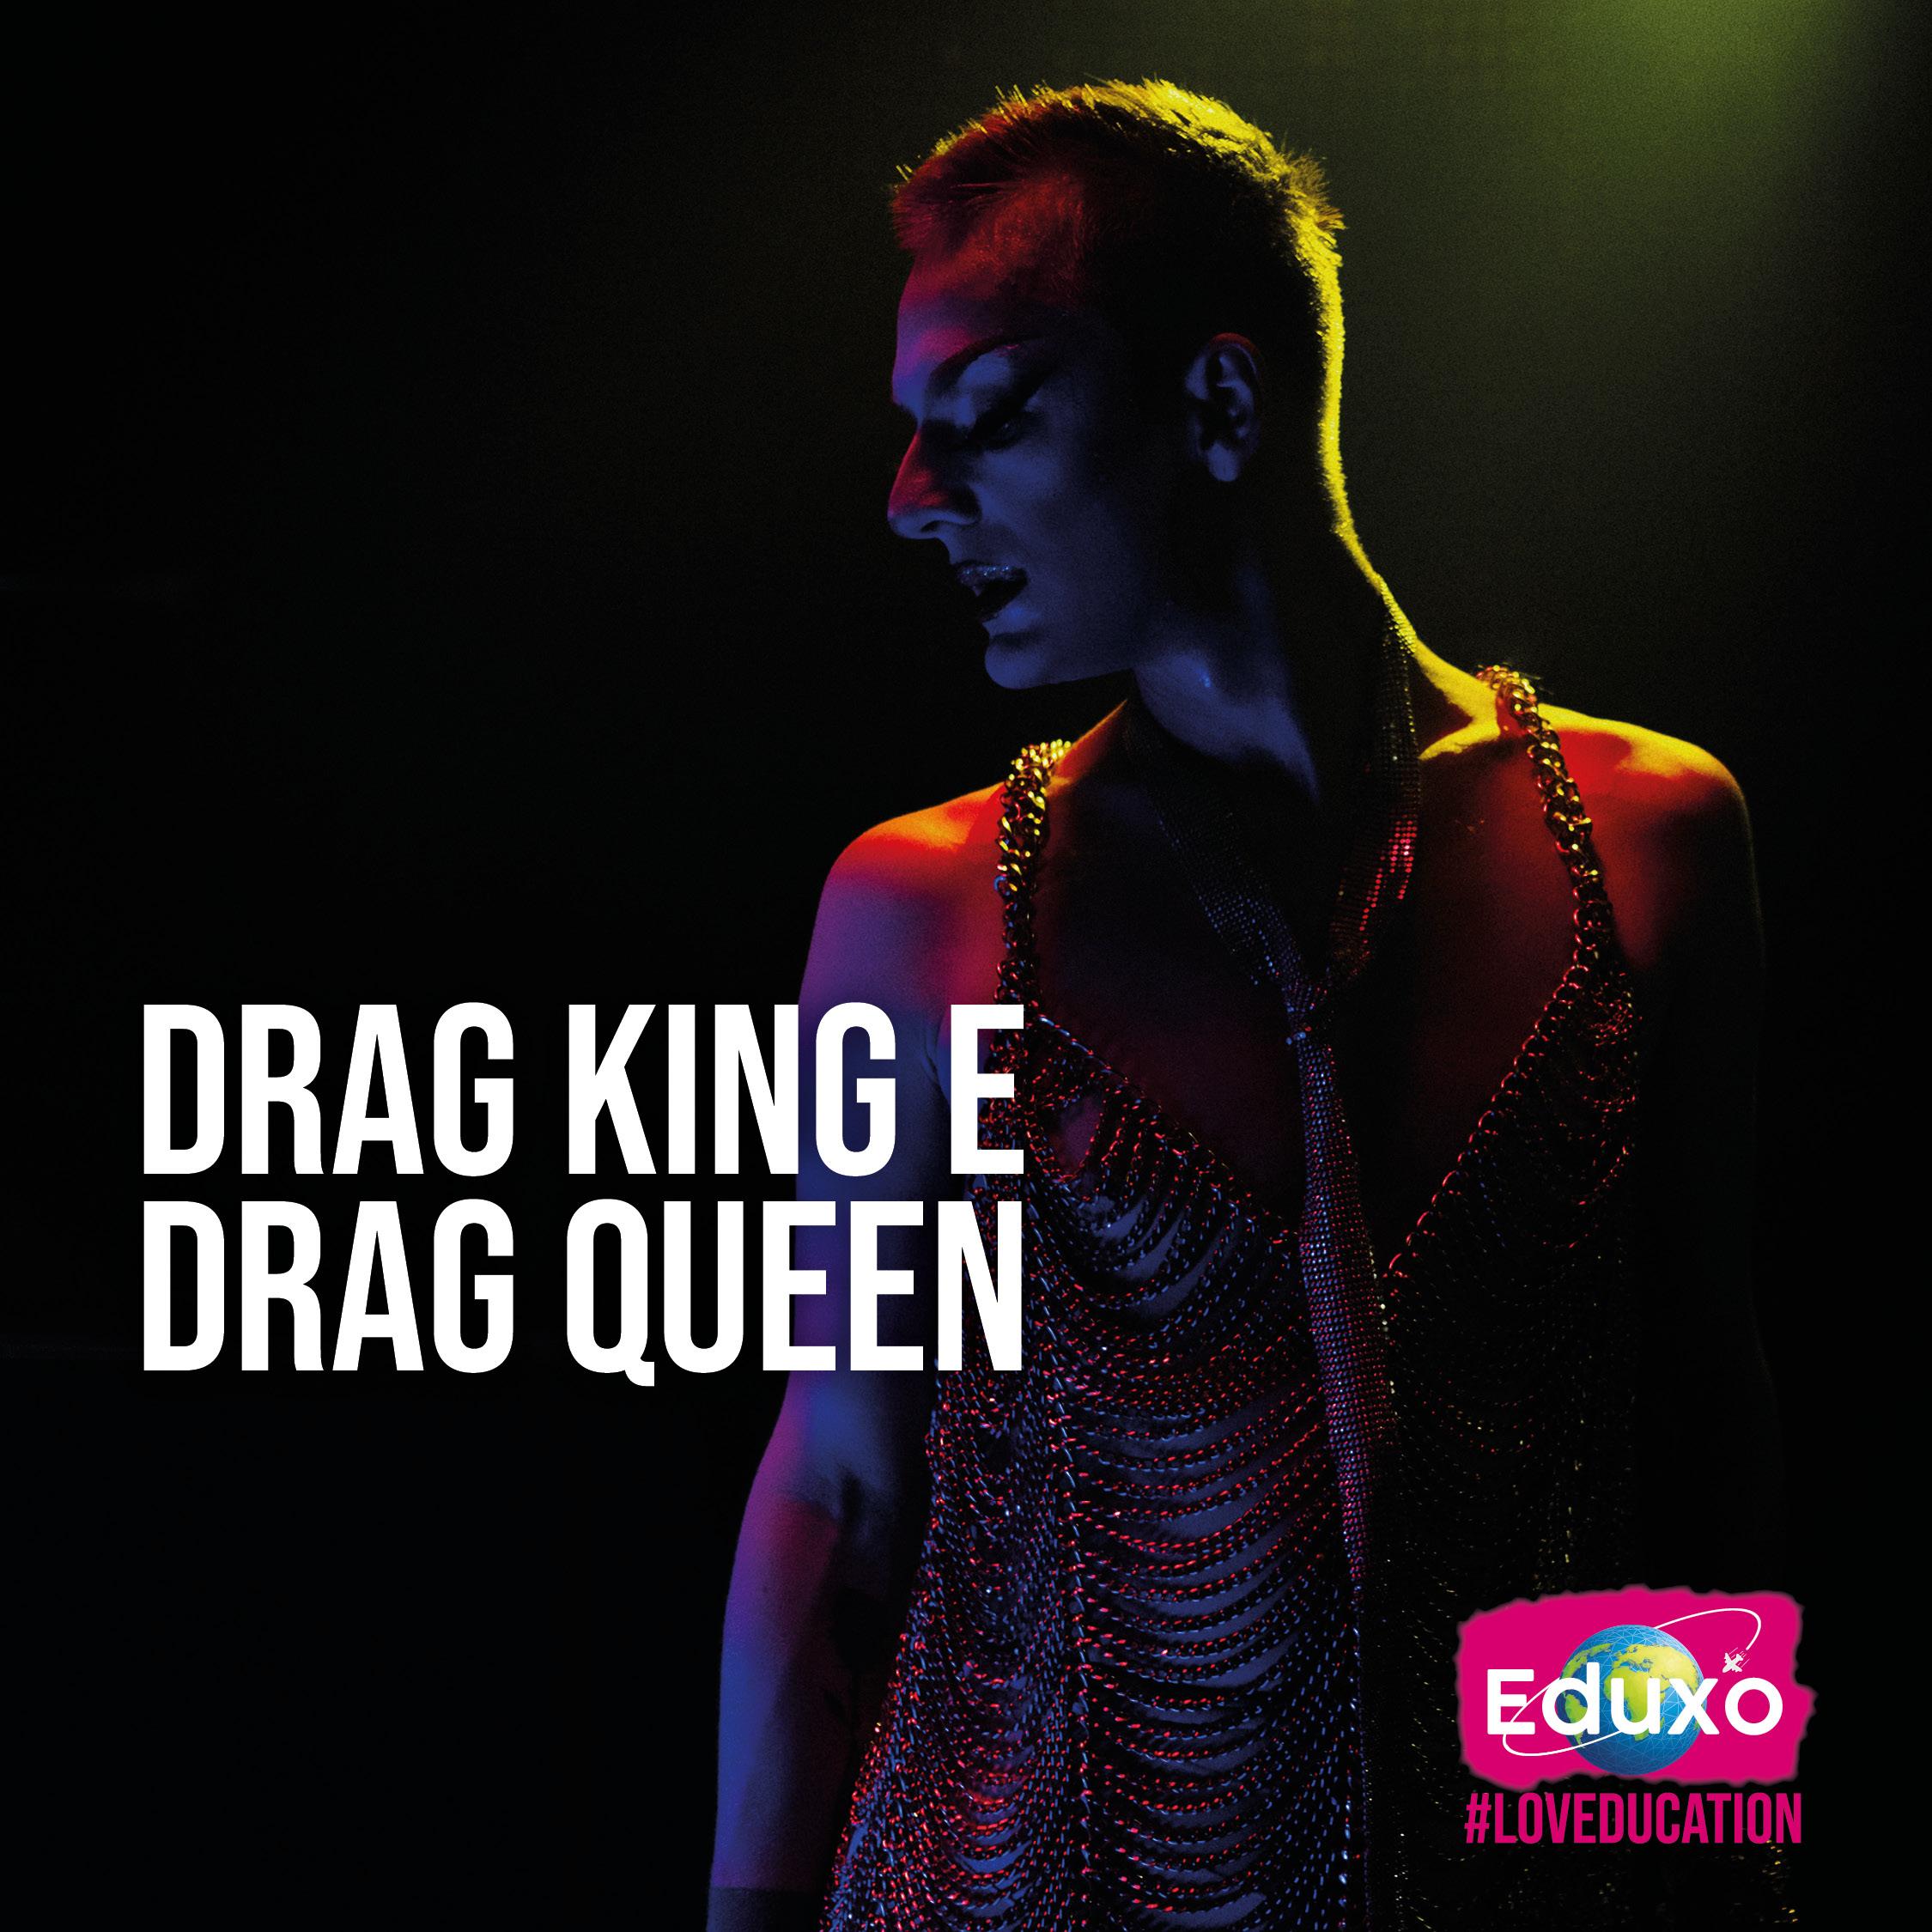 Drag King e Drag Queen